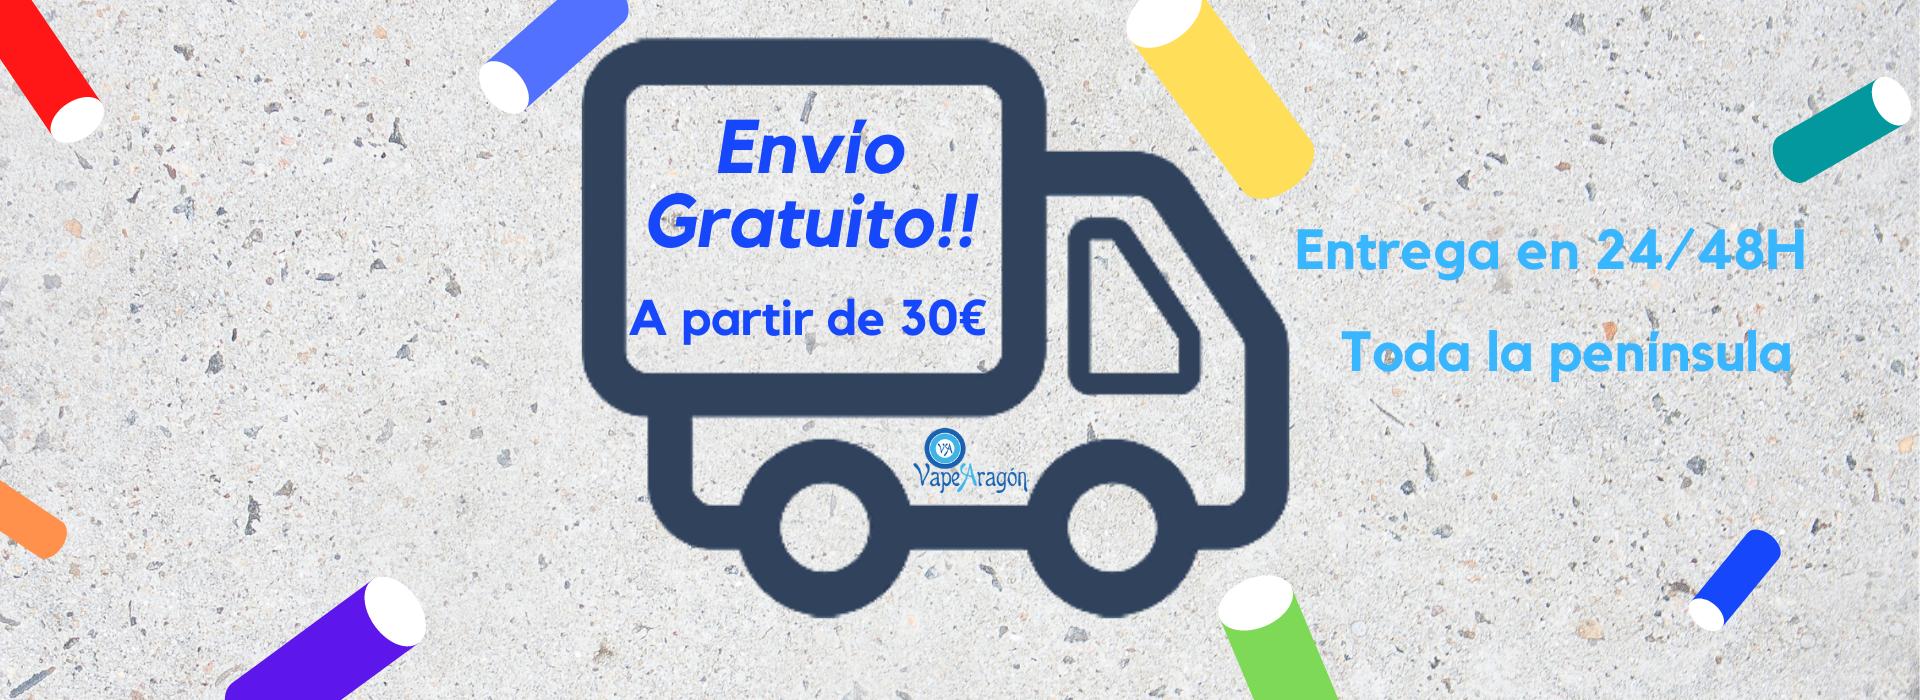 Envio Gratuito 30€